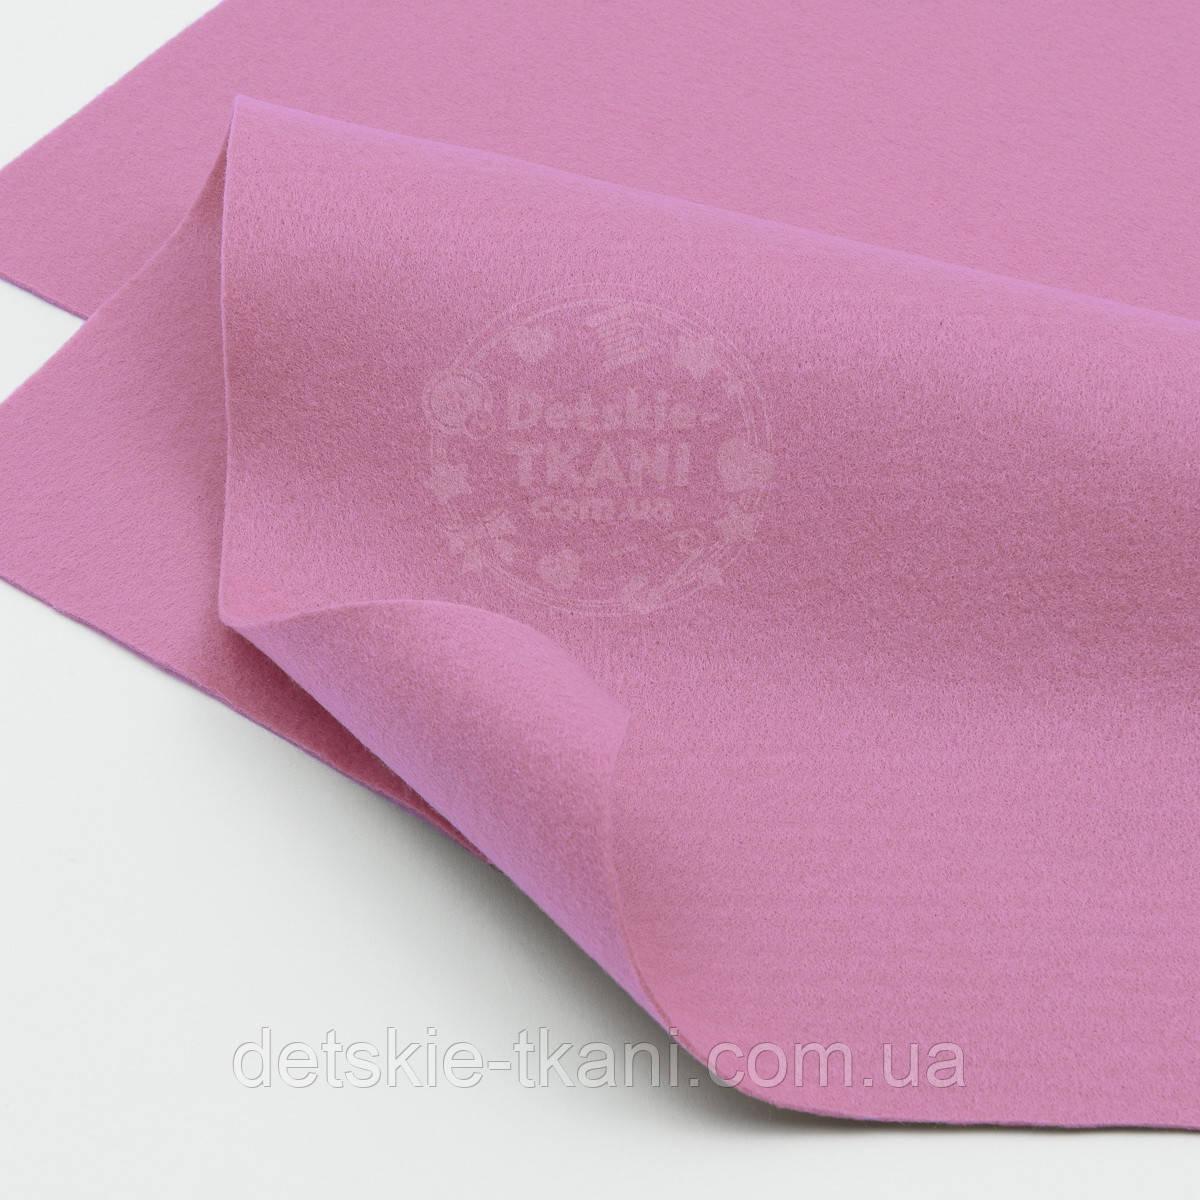 Мягкий листовой фетр светло-сиреневого цвета 20*30 см (ФМ-16)